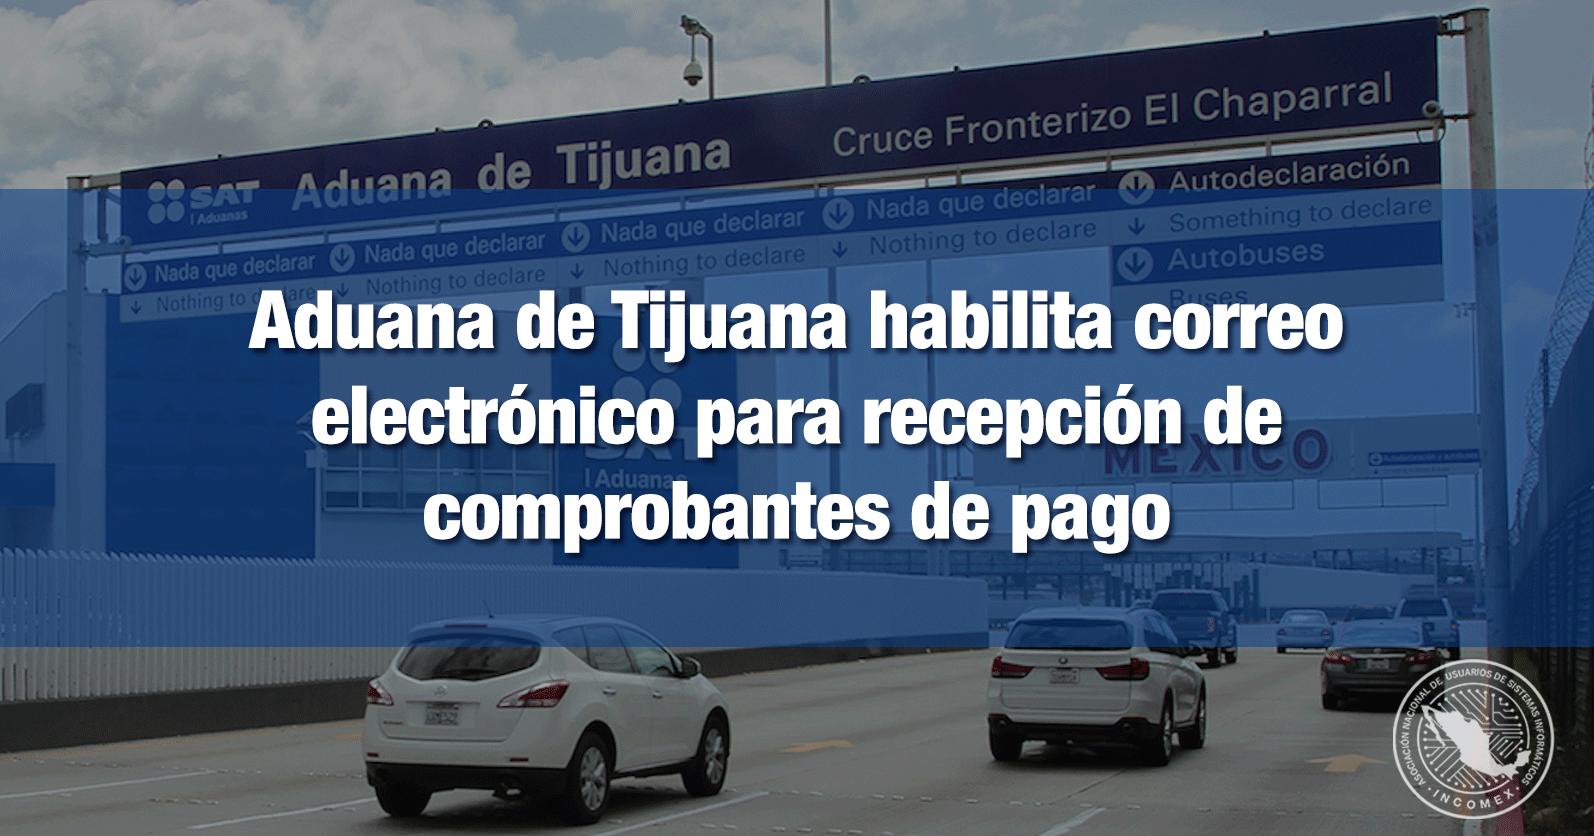 Aduana de Tijuana habilita correo electrónico para recepción de comprobantes de pago